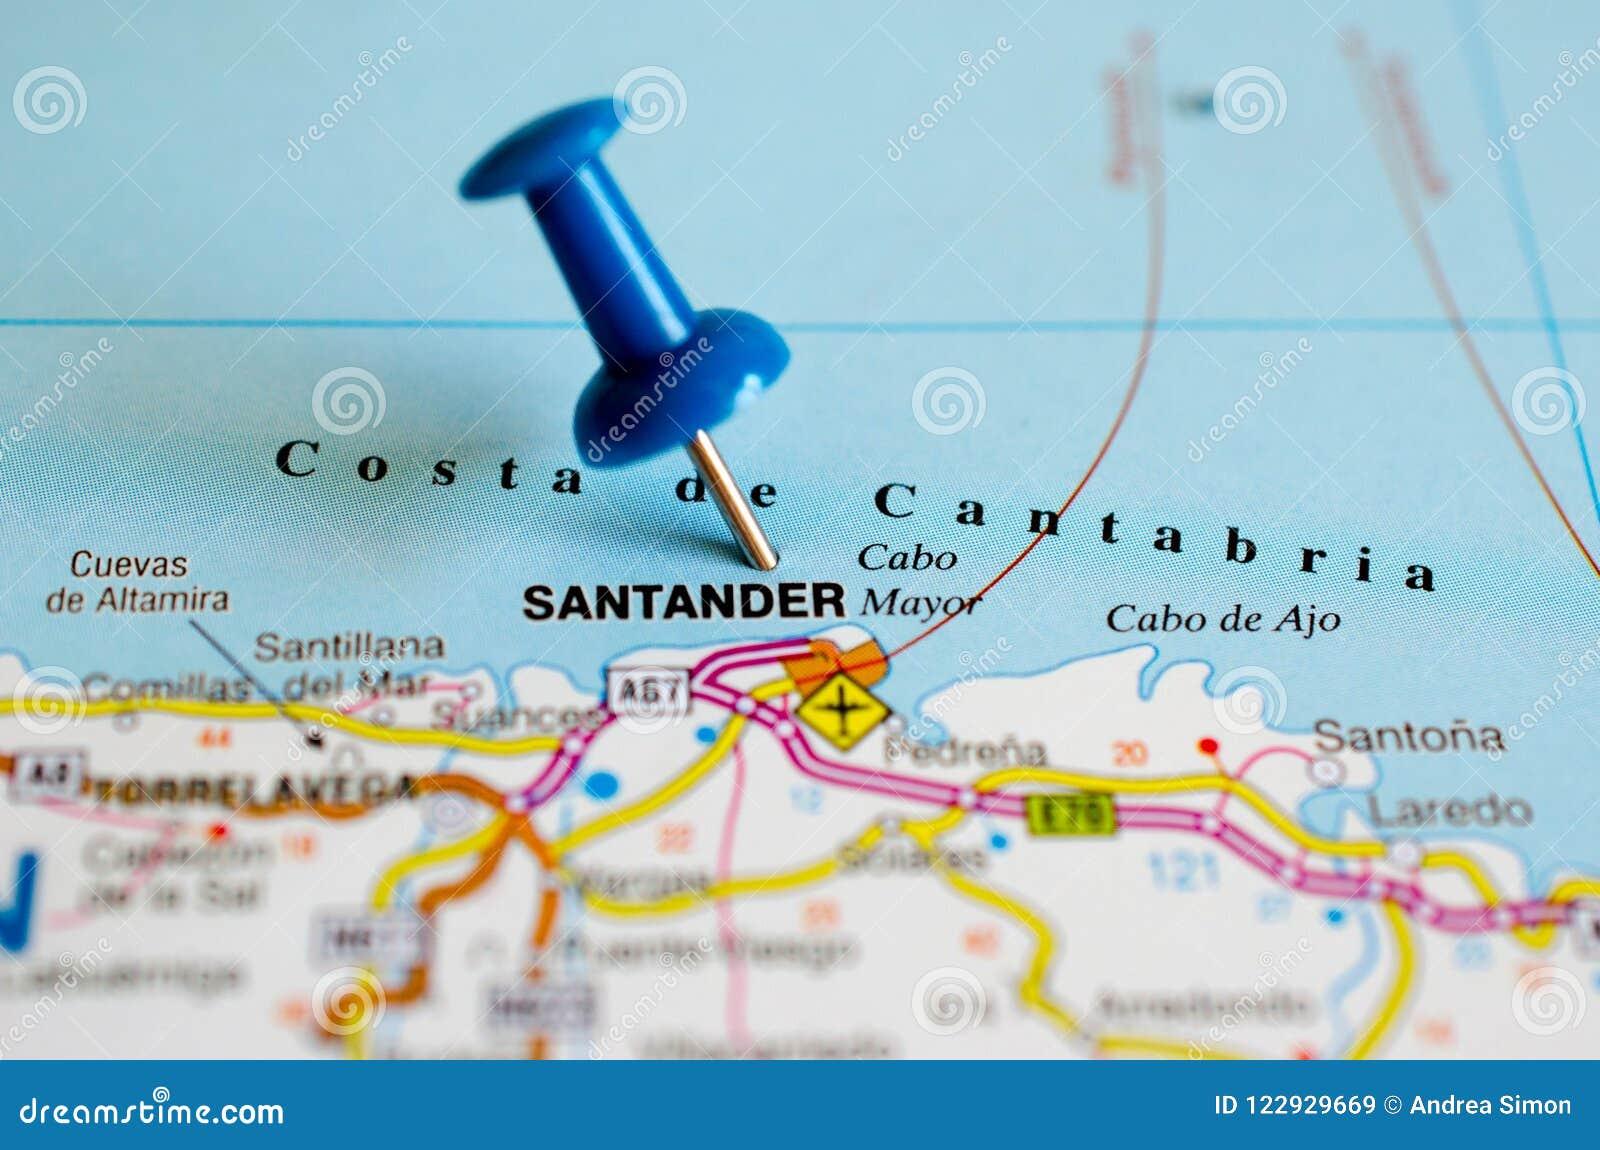 Mapa De Santander España.Santander Espana En Mapa Imagen De Archivo Imagen De